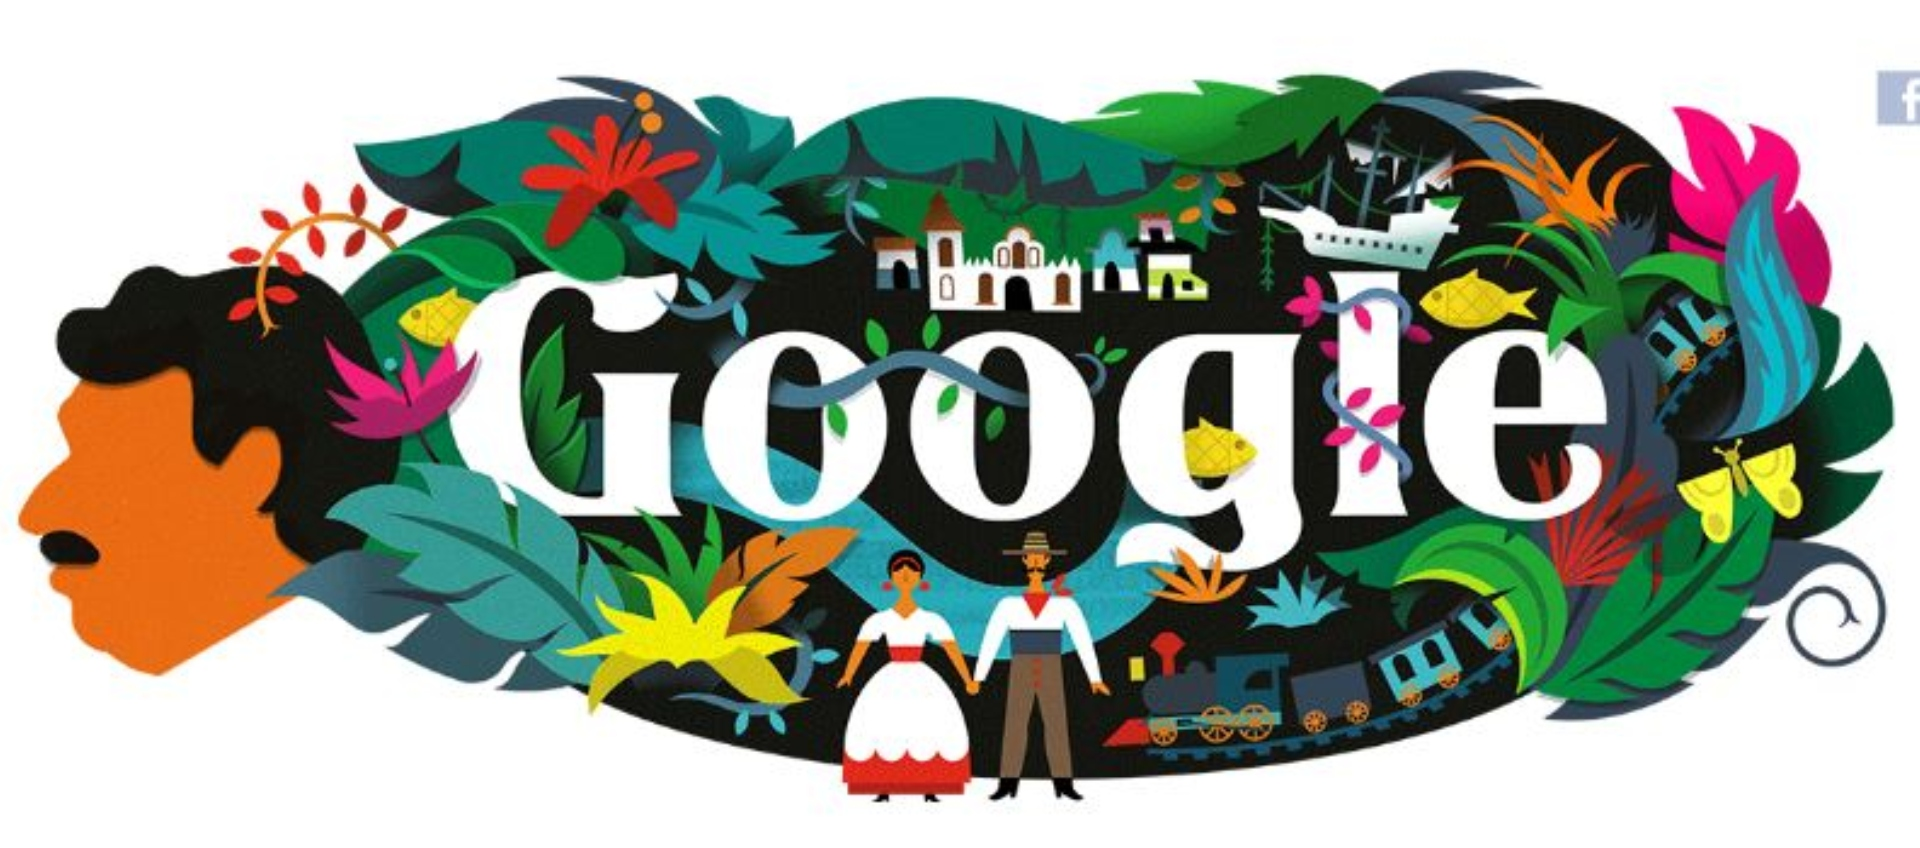 Doodle en homenaje al 91.º aniversario del nacimiento de Gabriel García Márquez.